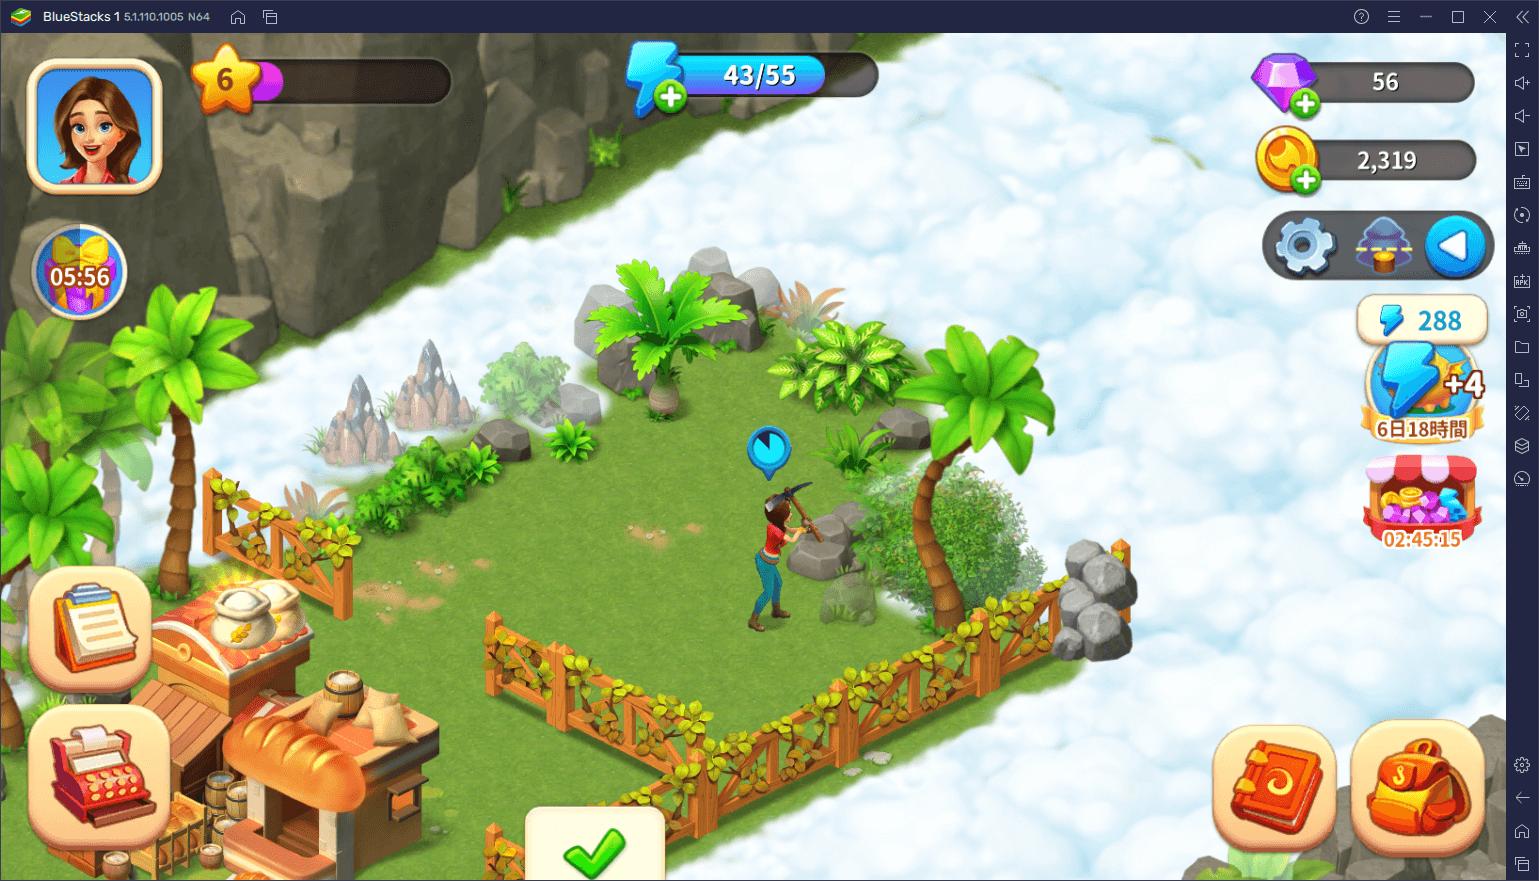 BlueStacksを使ってPCで『ドラゴンスケープスの冒険』を遊ぼう